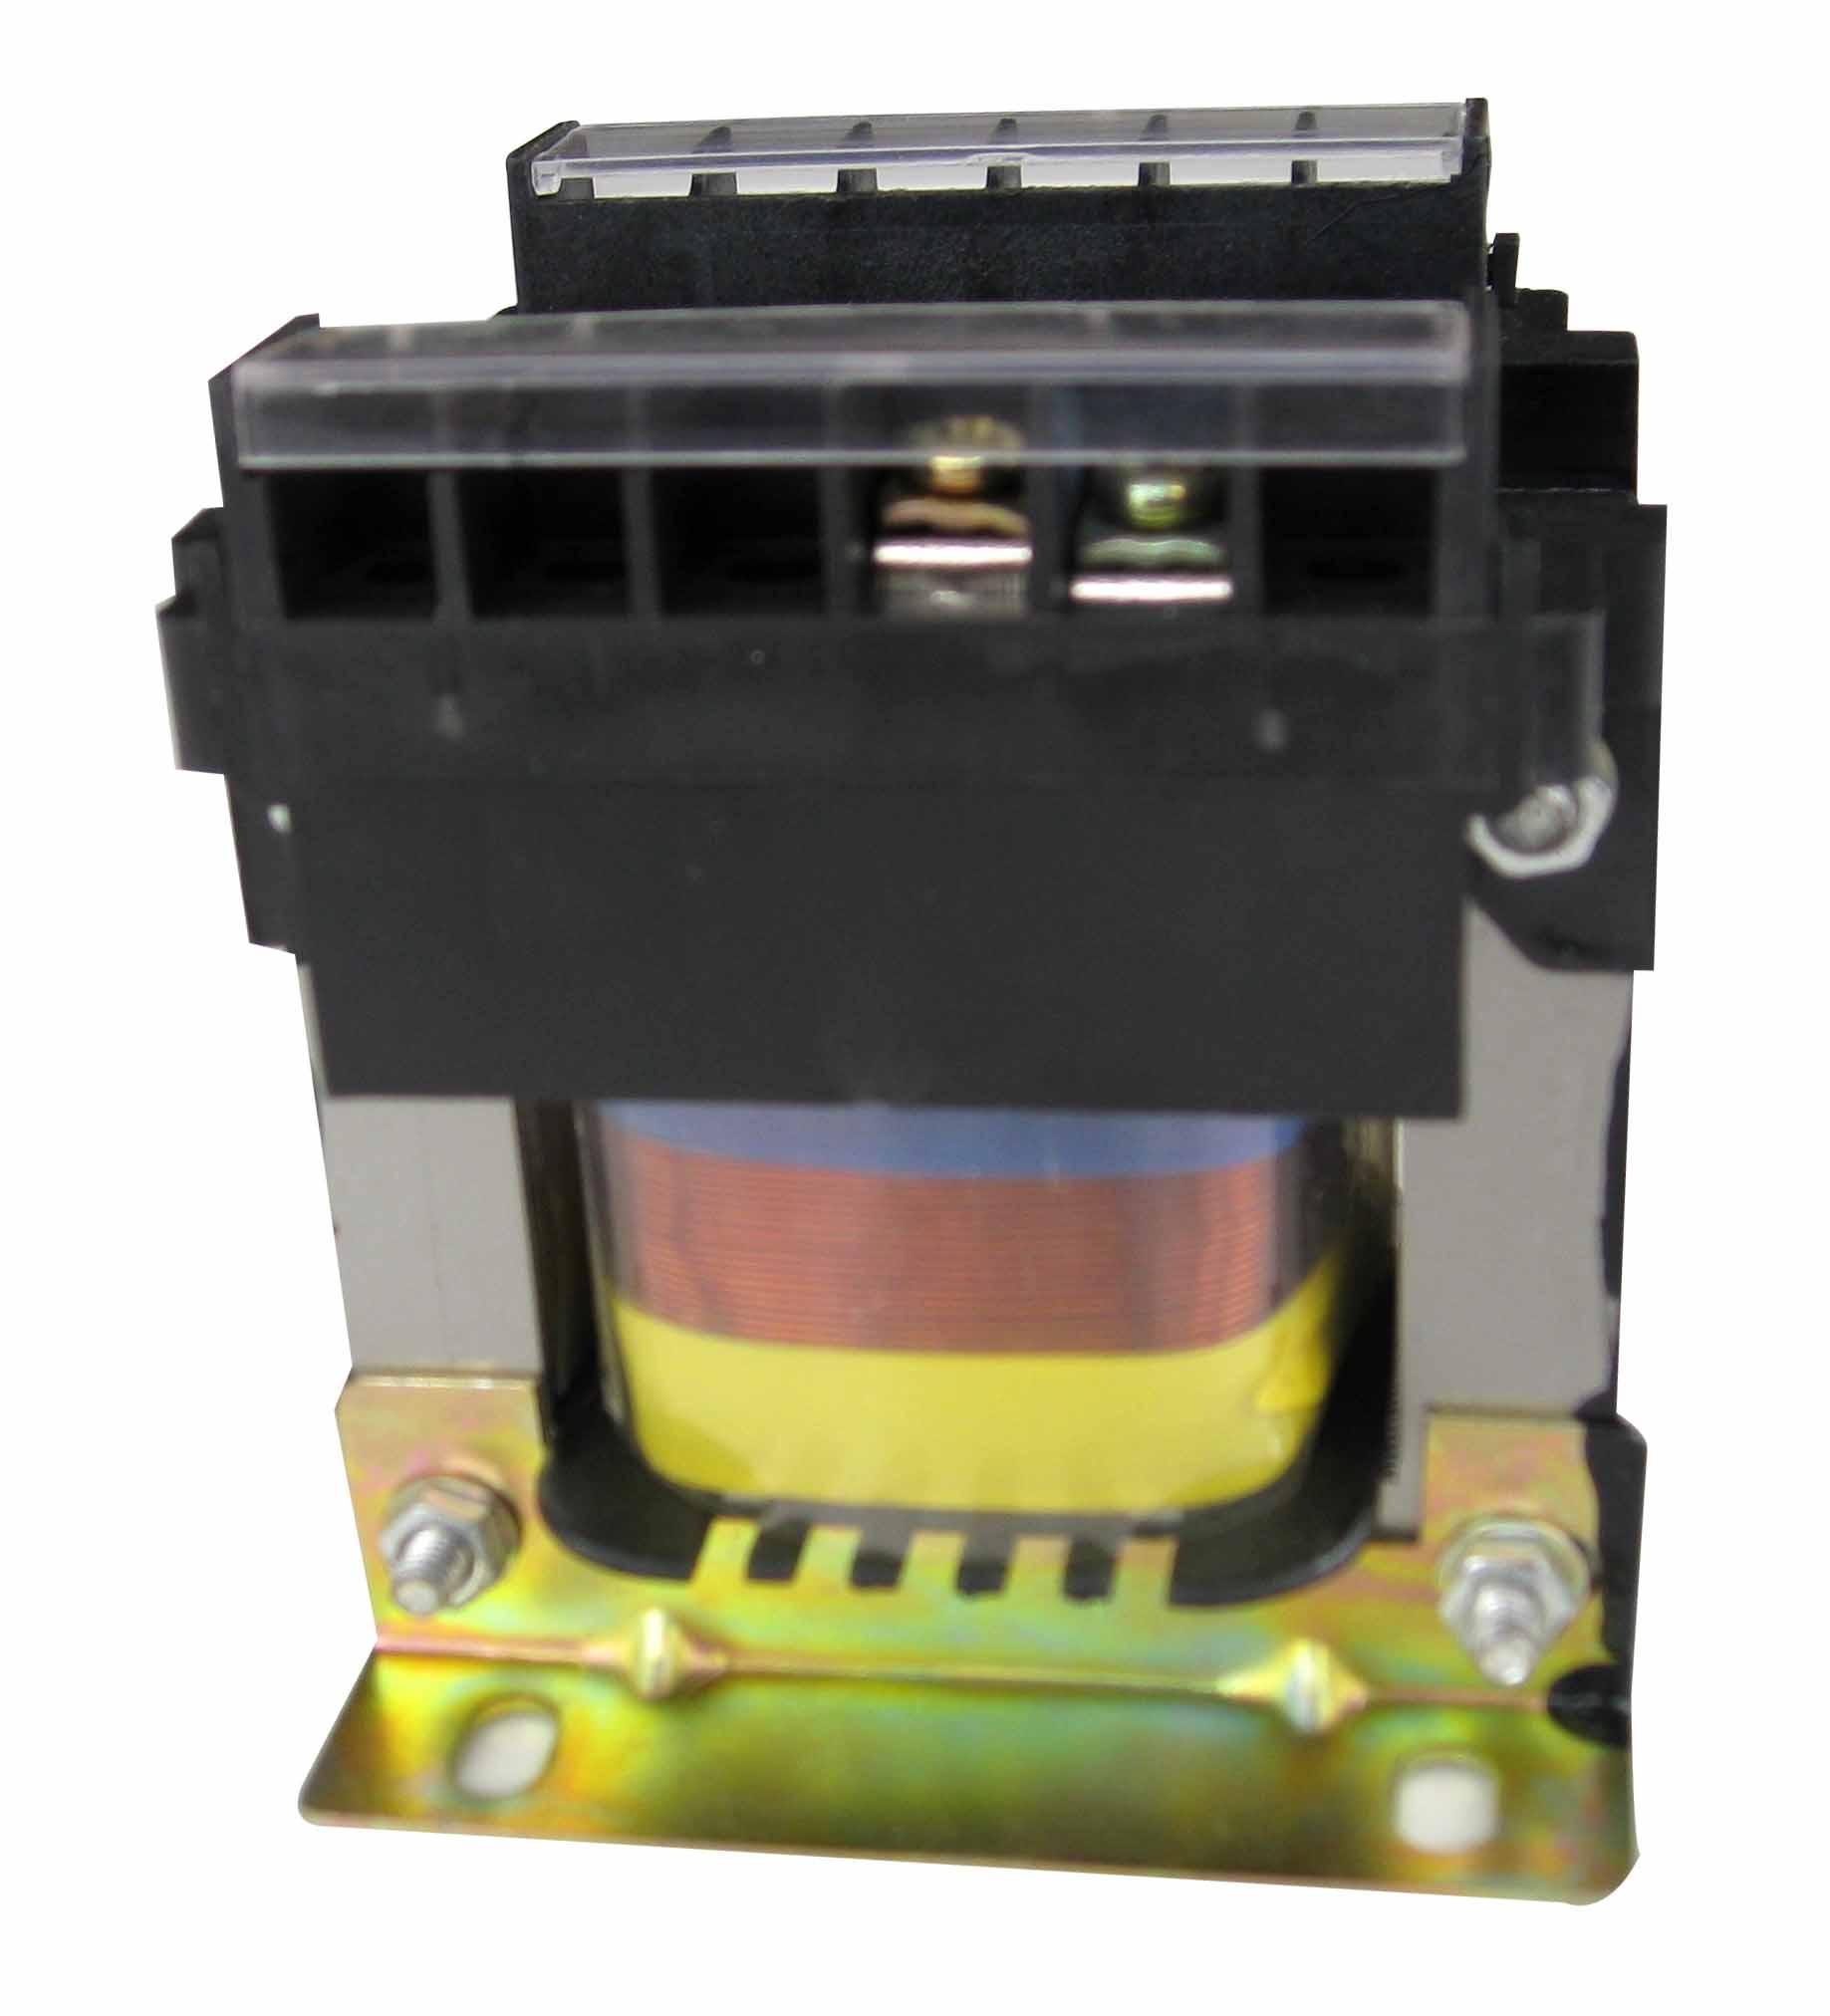 比例积分调节阀ZLBYQ-24电源变压器